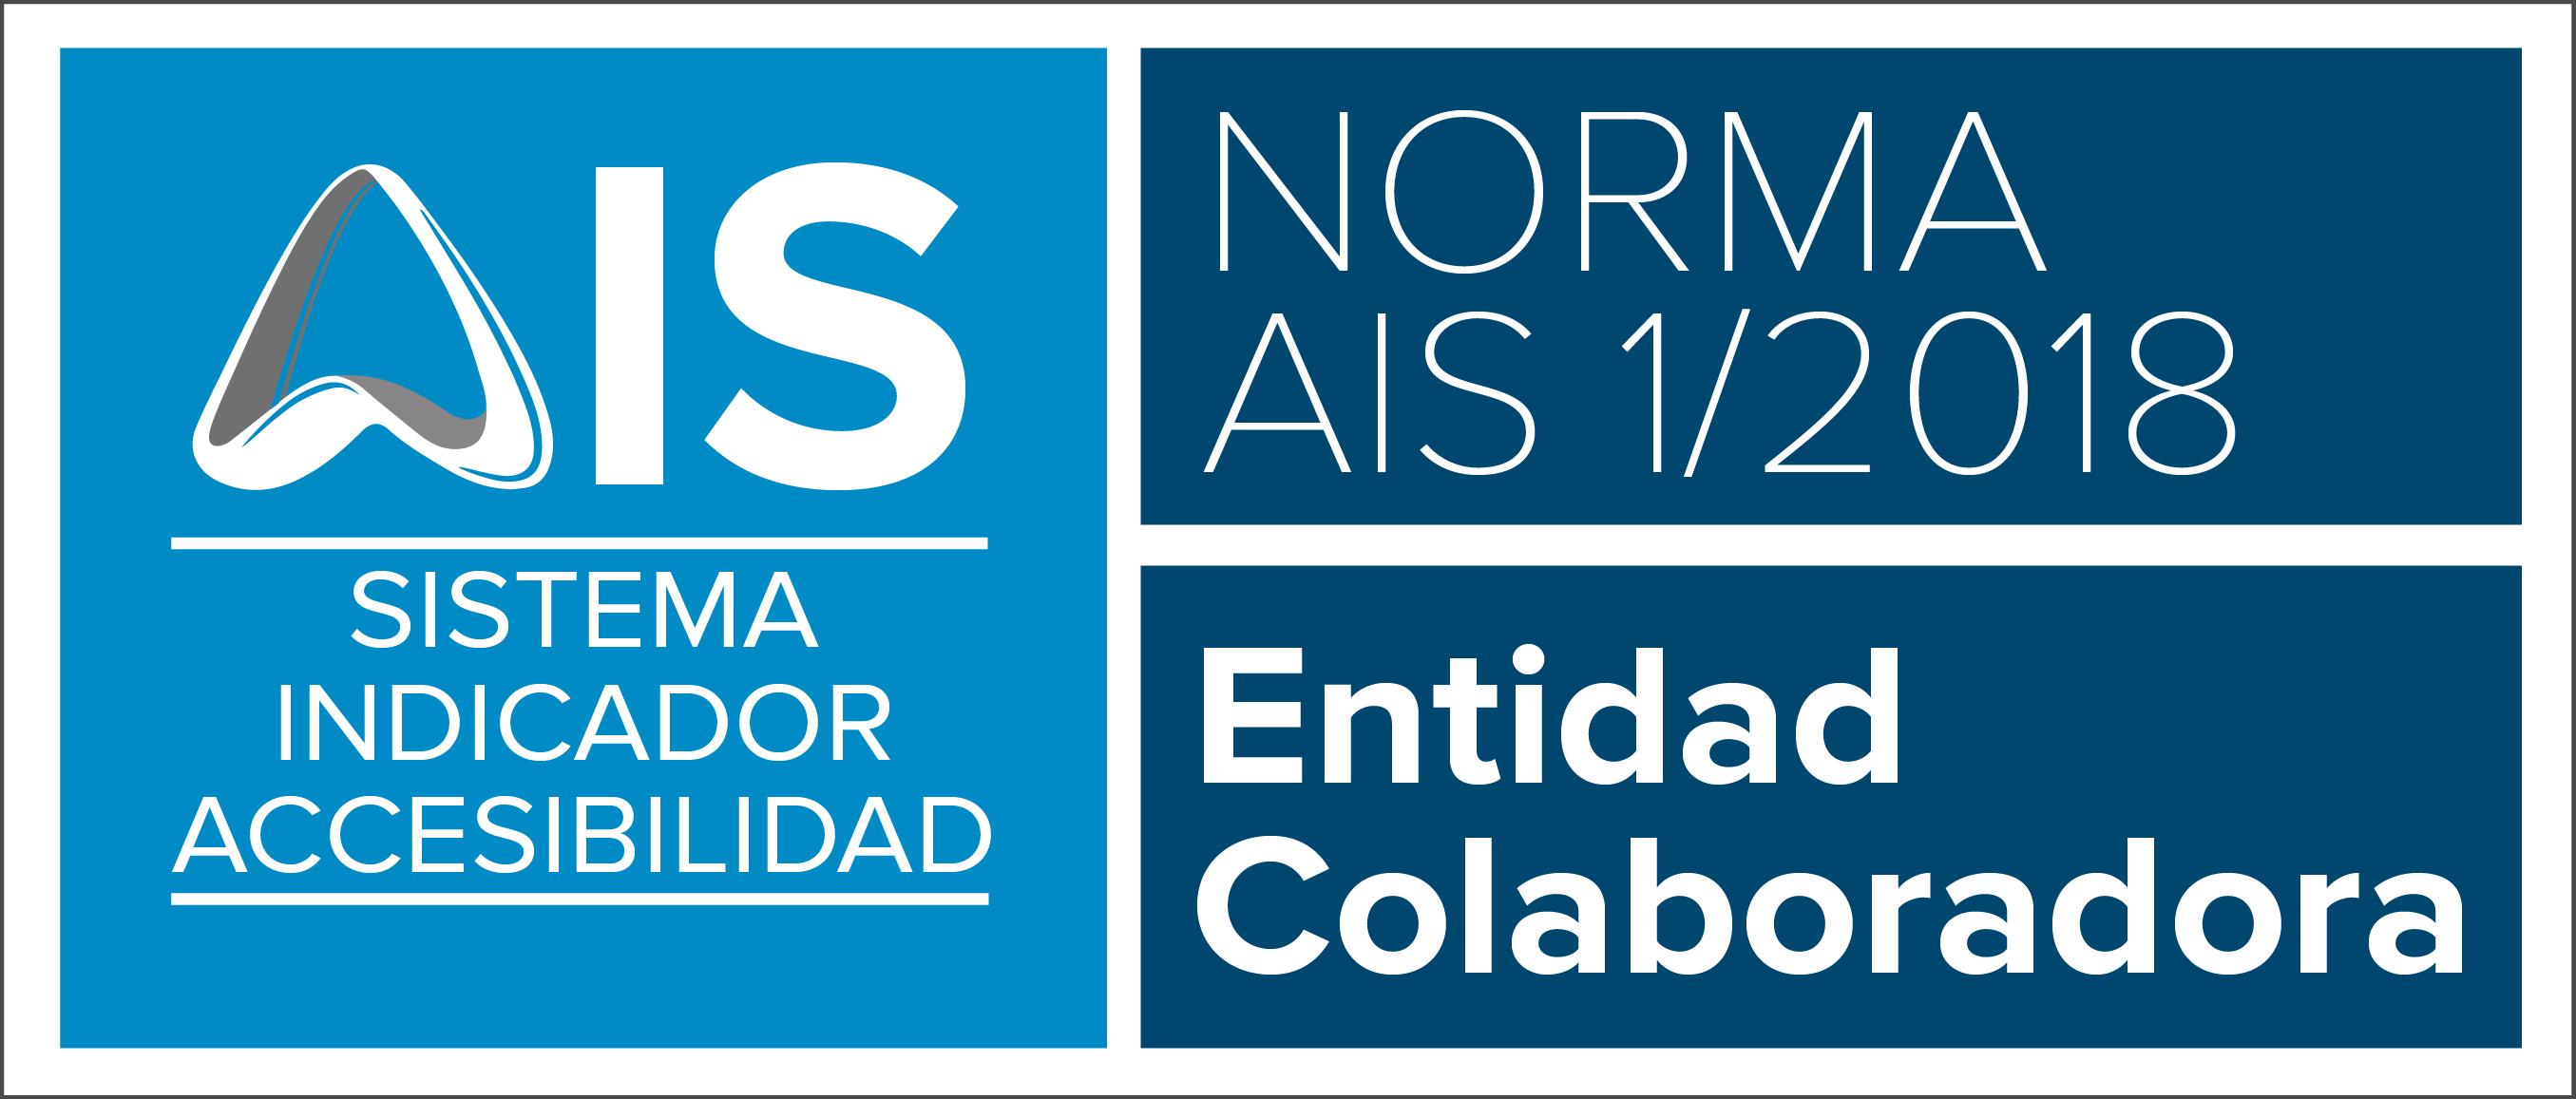 Placa ENTIDAD COLABORADORA HORIZONTAL